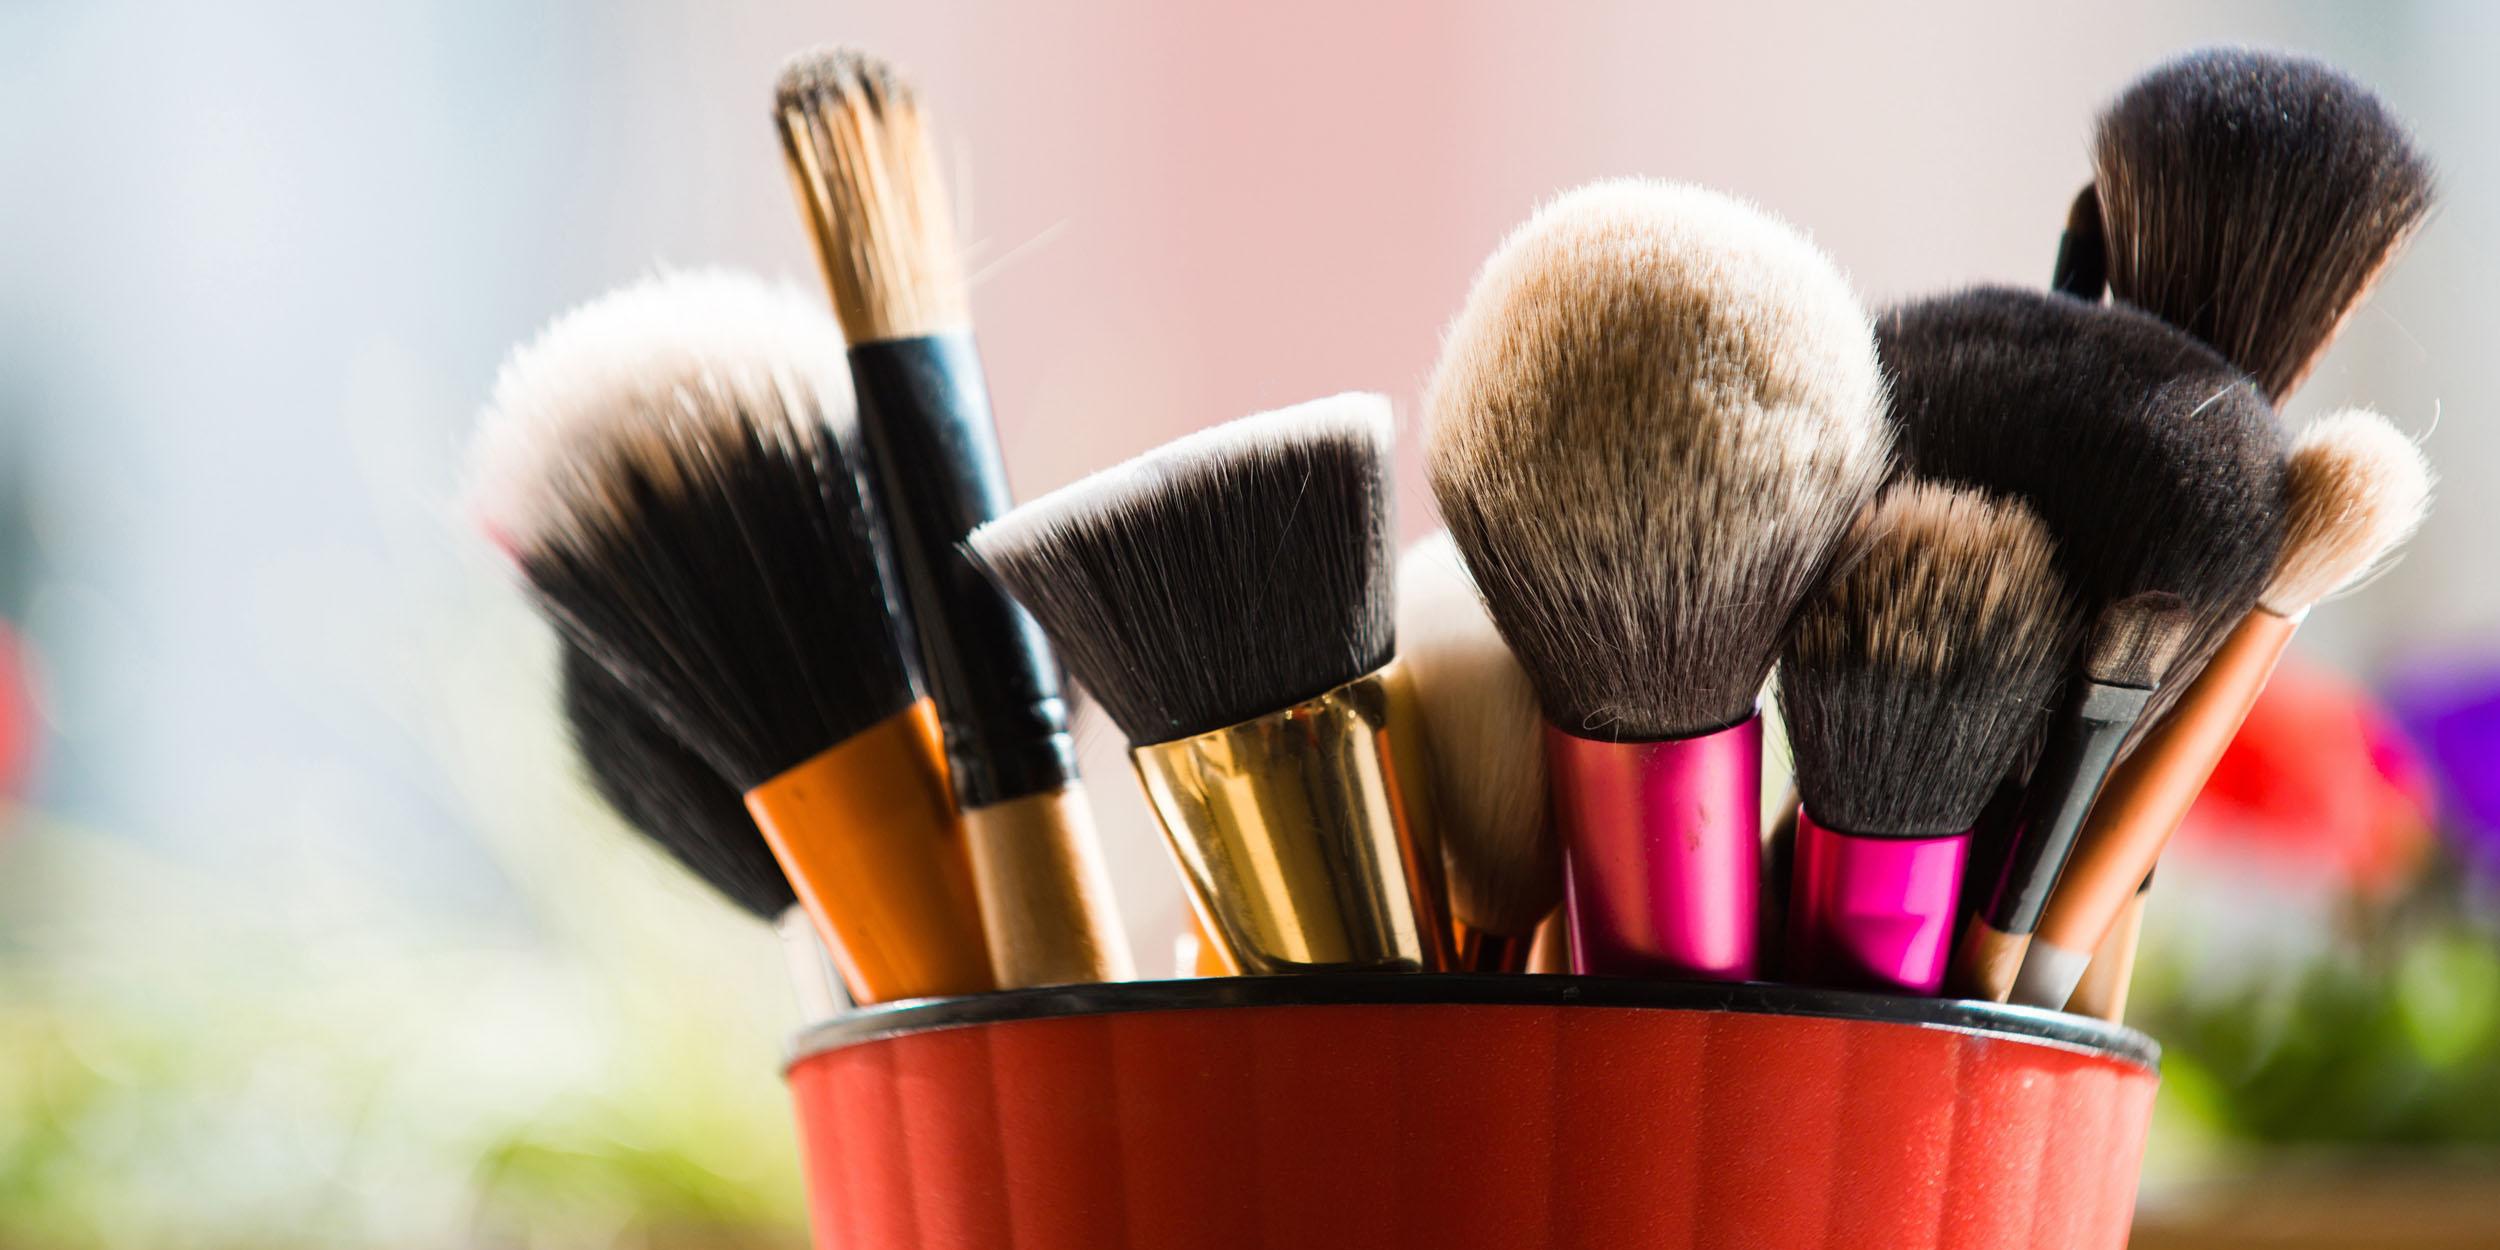 Cuida tus brochas  de maquillaje | El Imparcial de Oaxaca